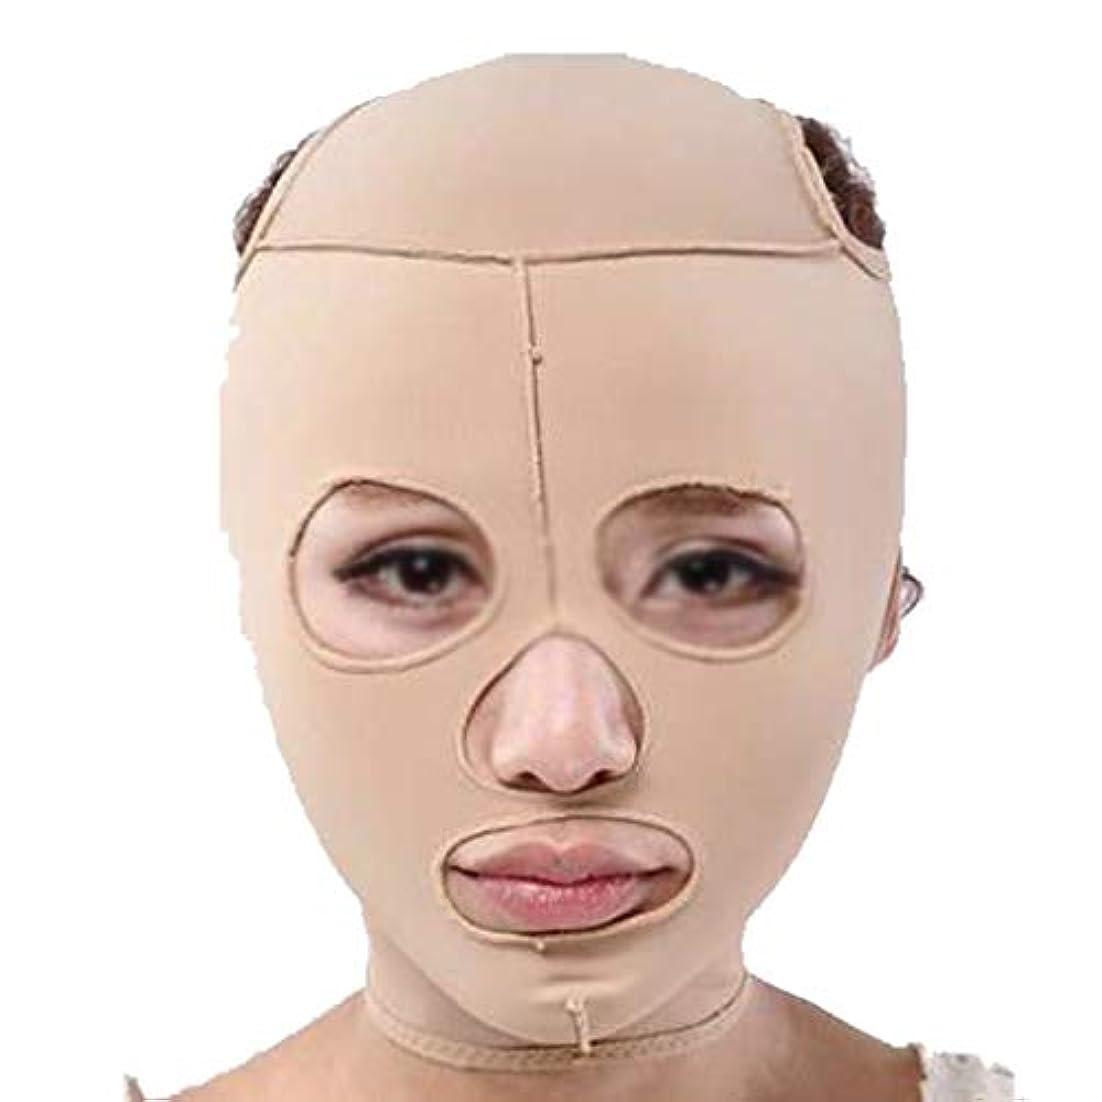 メニューエレベーター半径ZWBD フェイスマスク, フェイスコレクター男性と女性のフェイスリフティングマスクマスクバンデージリフティングスモールVフェイスリフティング引き締めダブルチン